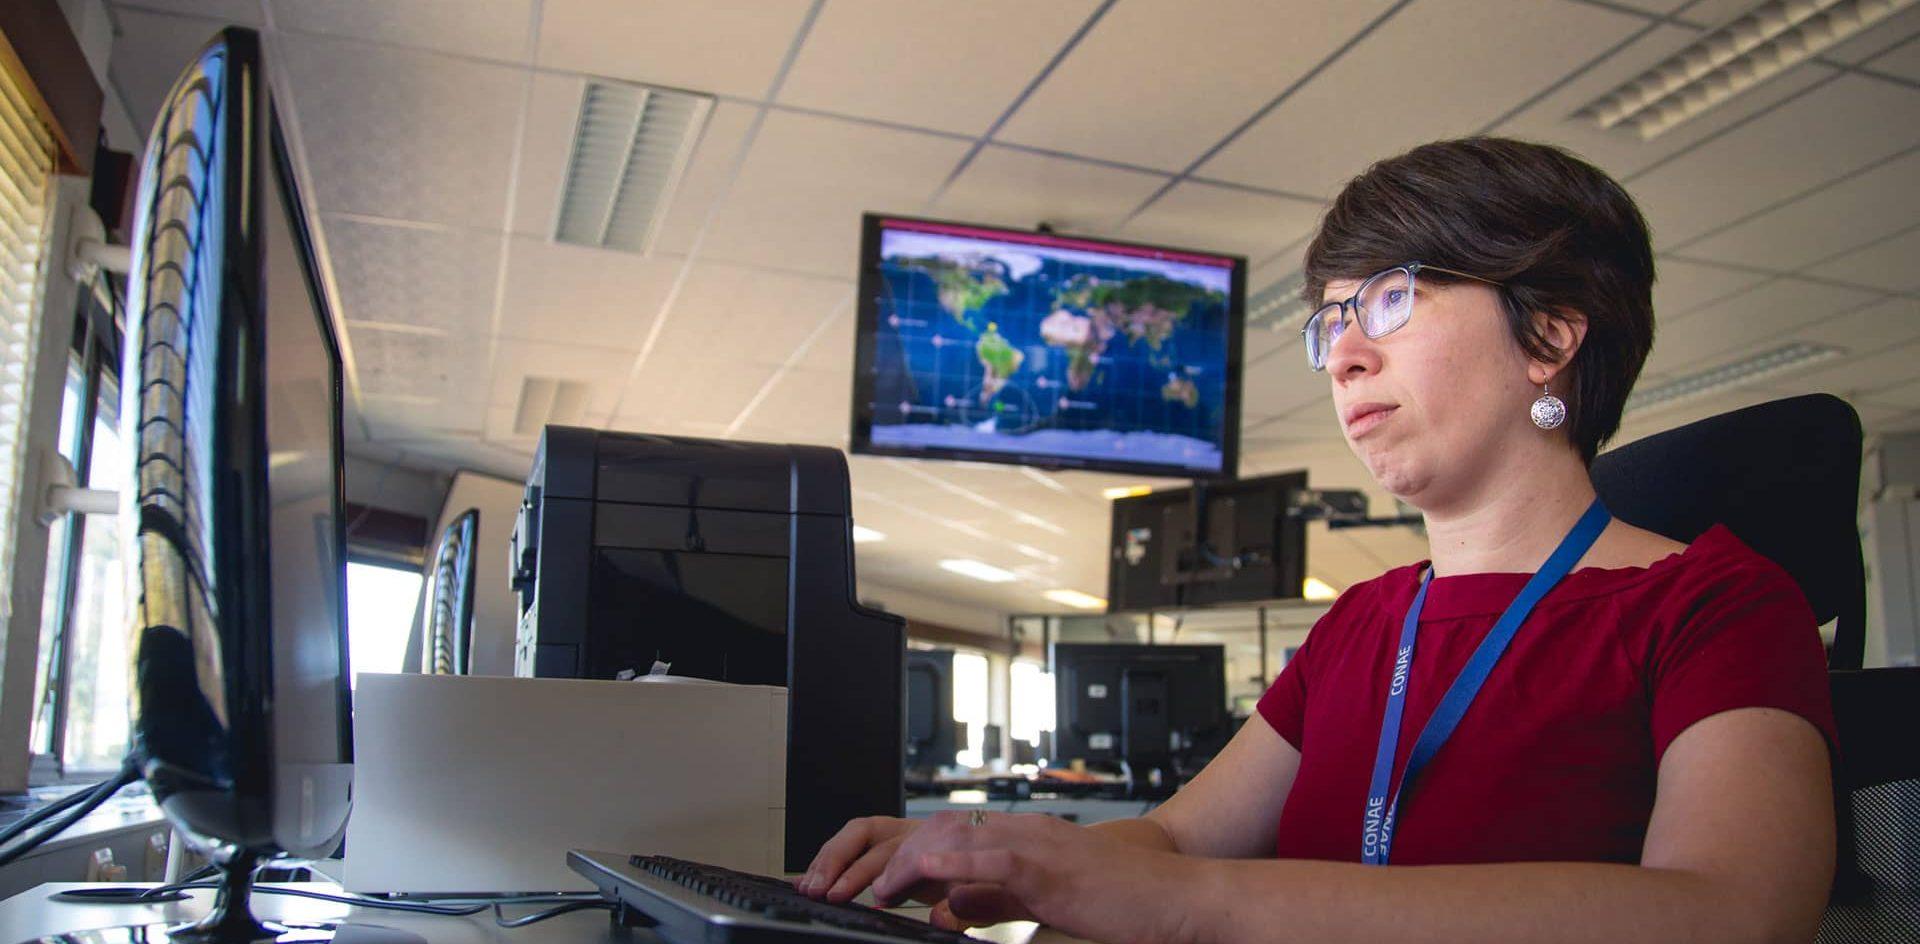 Córdoba: pocas científicas en ingenierías, computación y física, y en categorías de investigación superiores